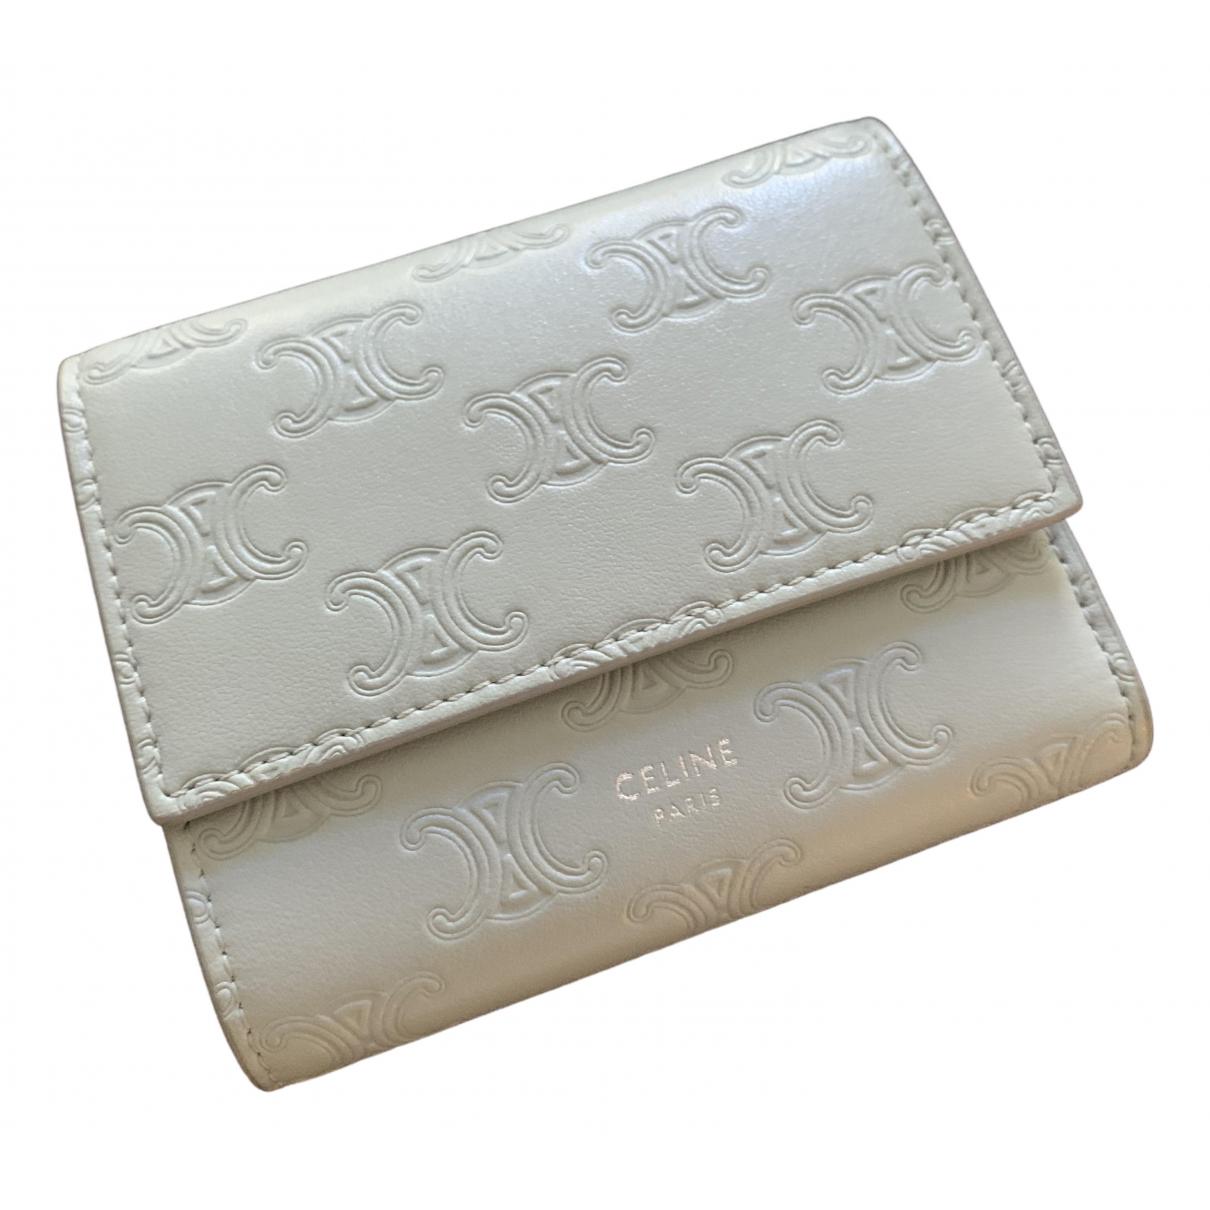 Celine - Portefeuille   pour femme en cuir - gris